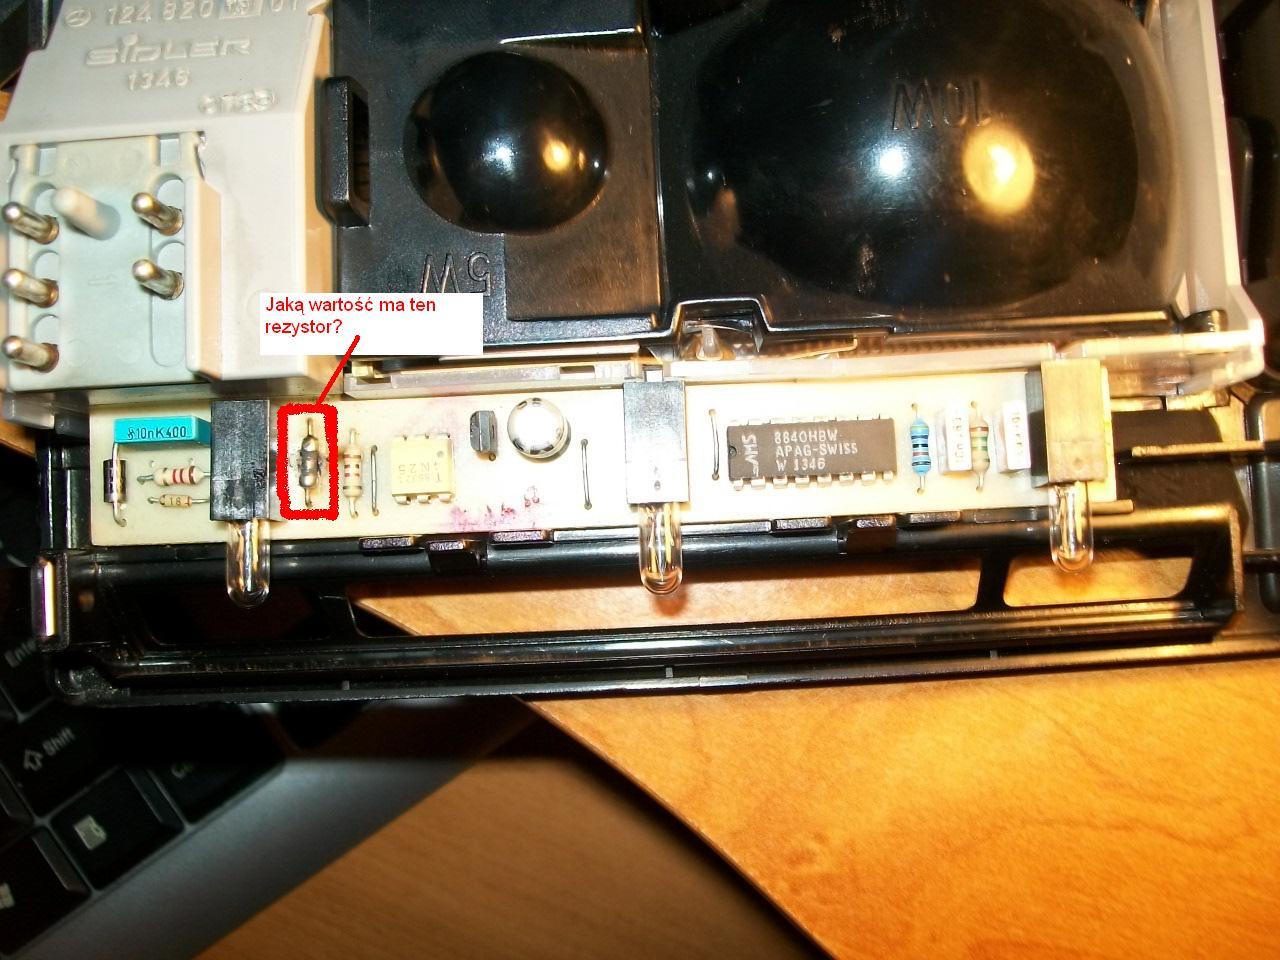 Mercedes 124 Lampka Oświetlenia Wnętrza Spalony Rezystor